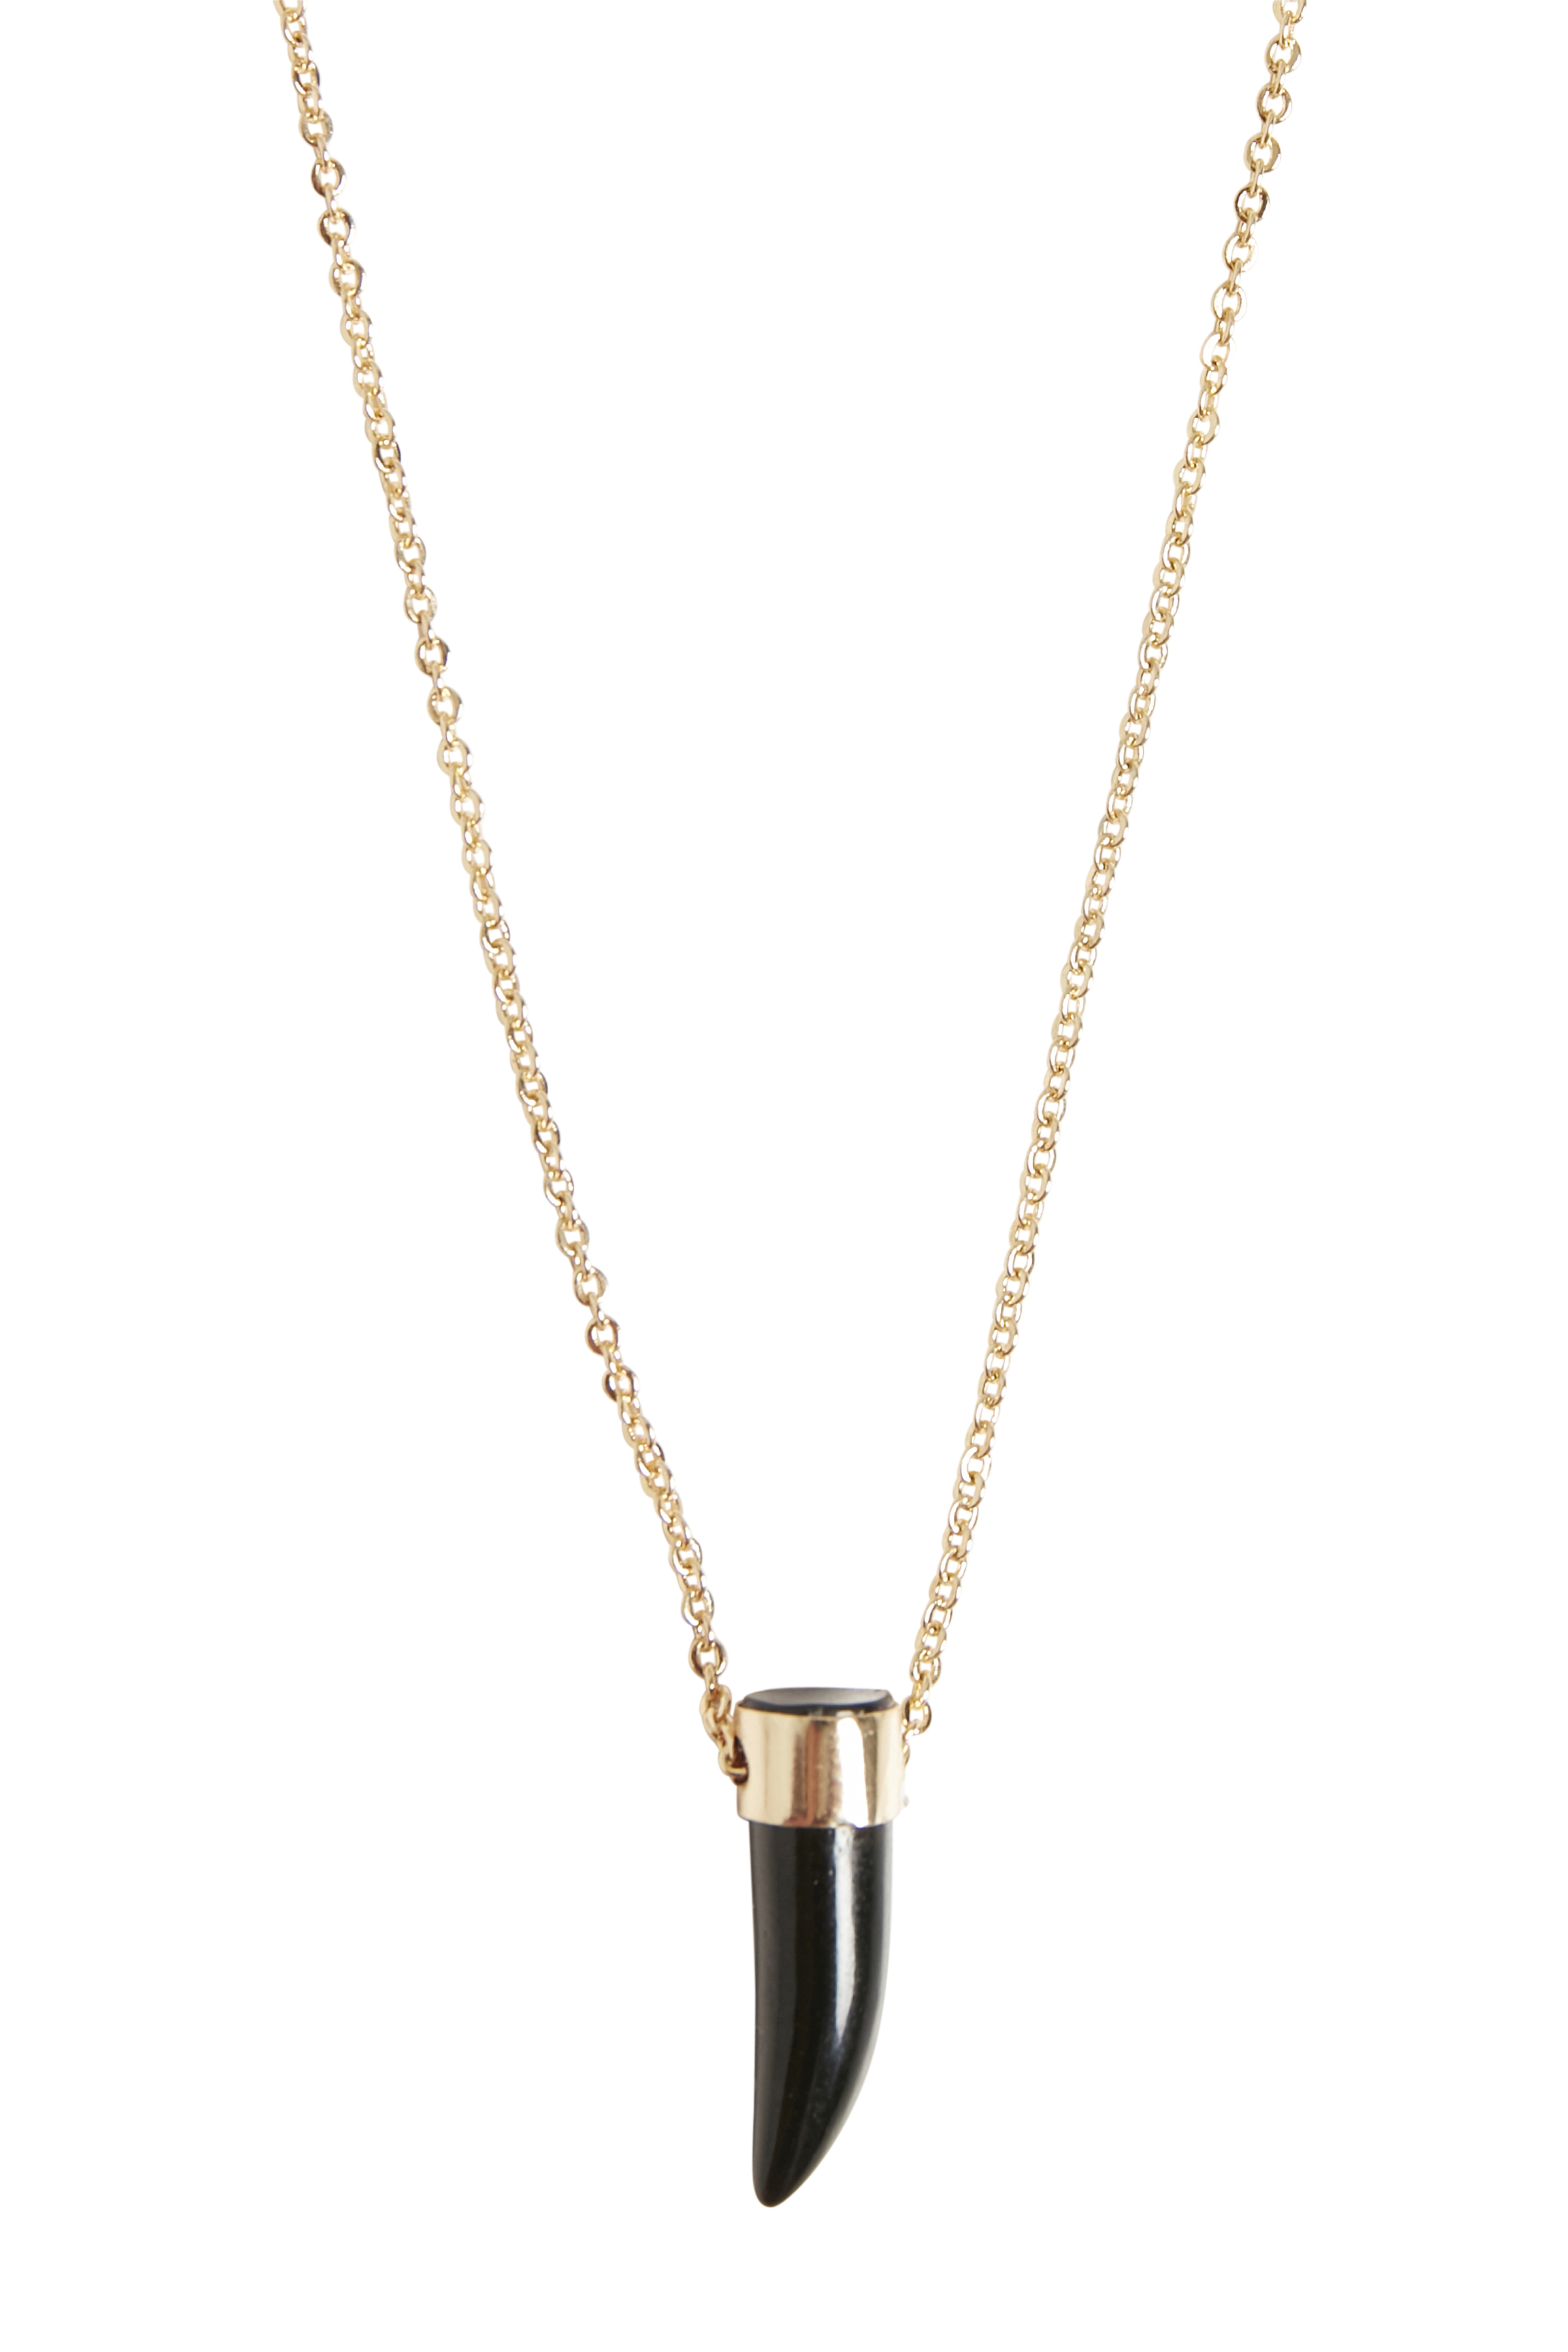 Guld Halskæde  fra Fransa – Køb Guld Halskæde  fra str. ONE her